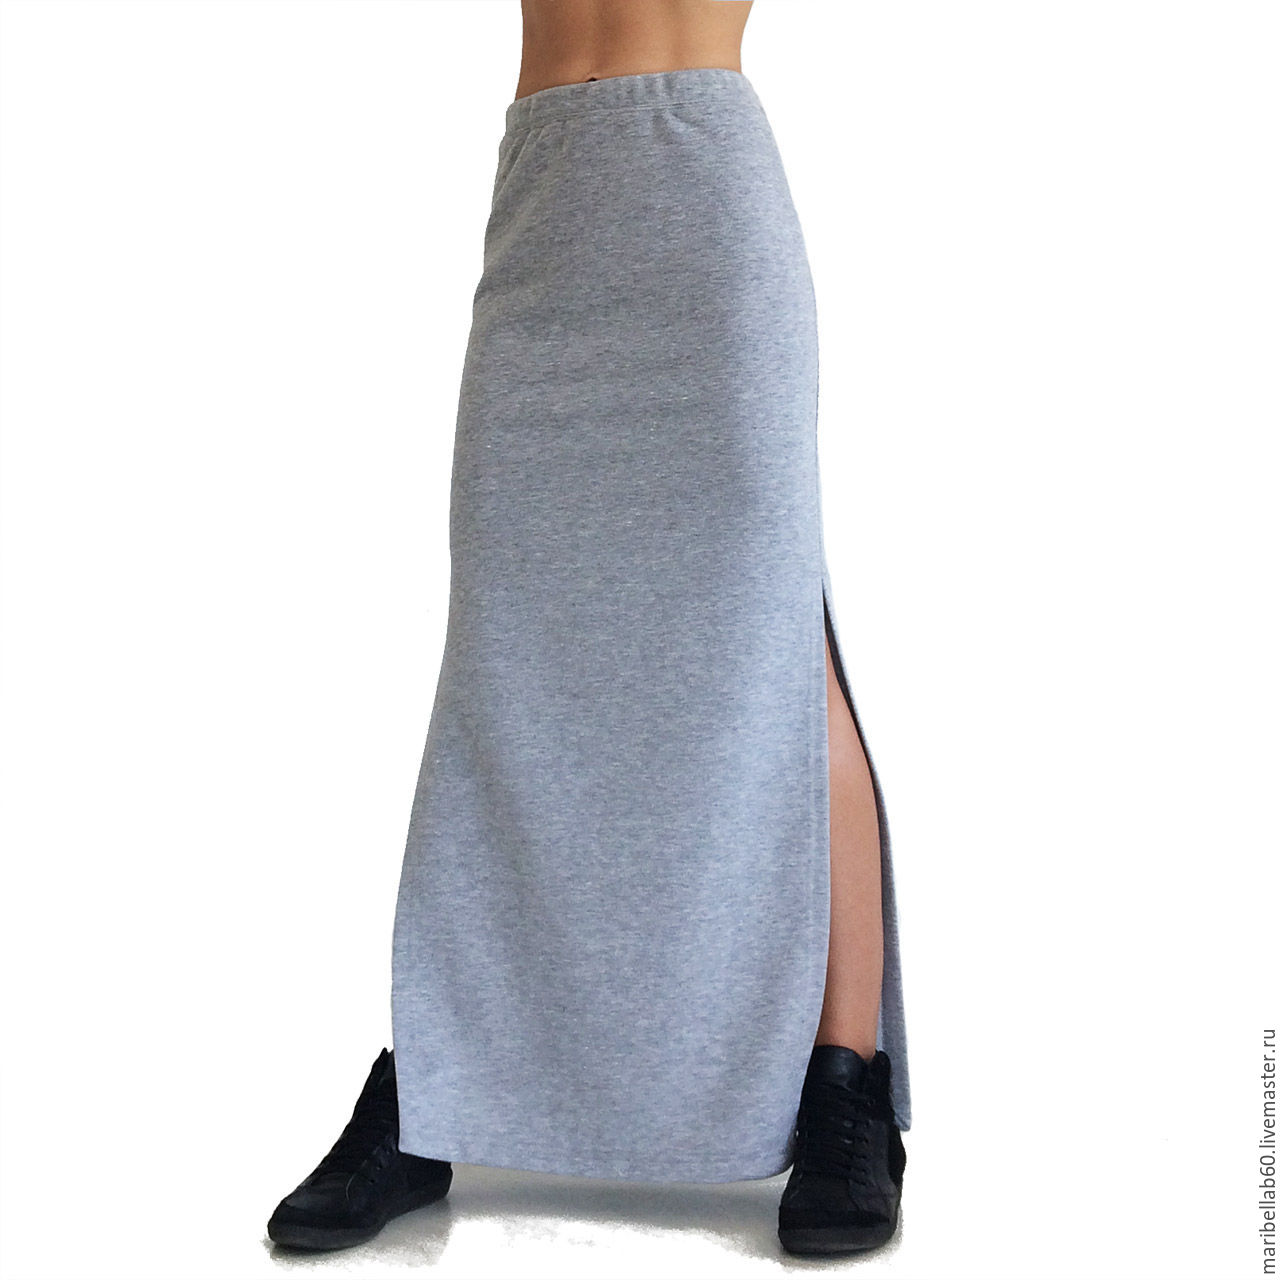 Фото прямой юбки с разрезами